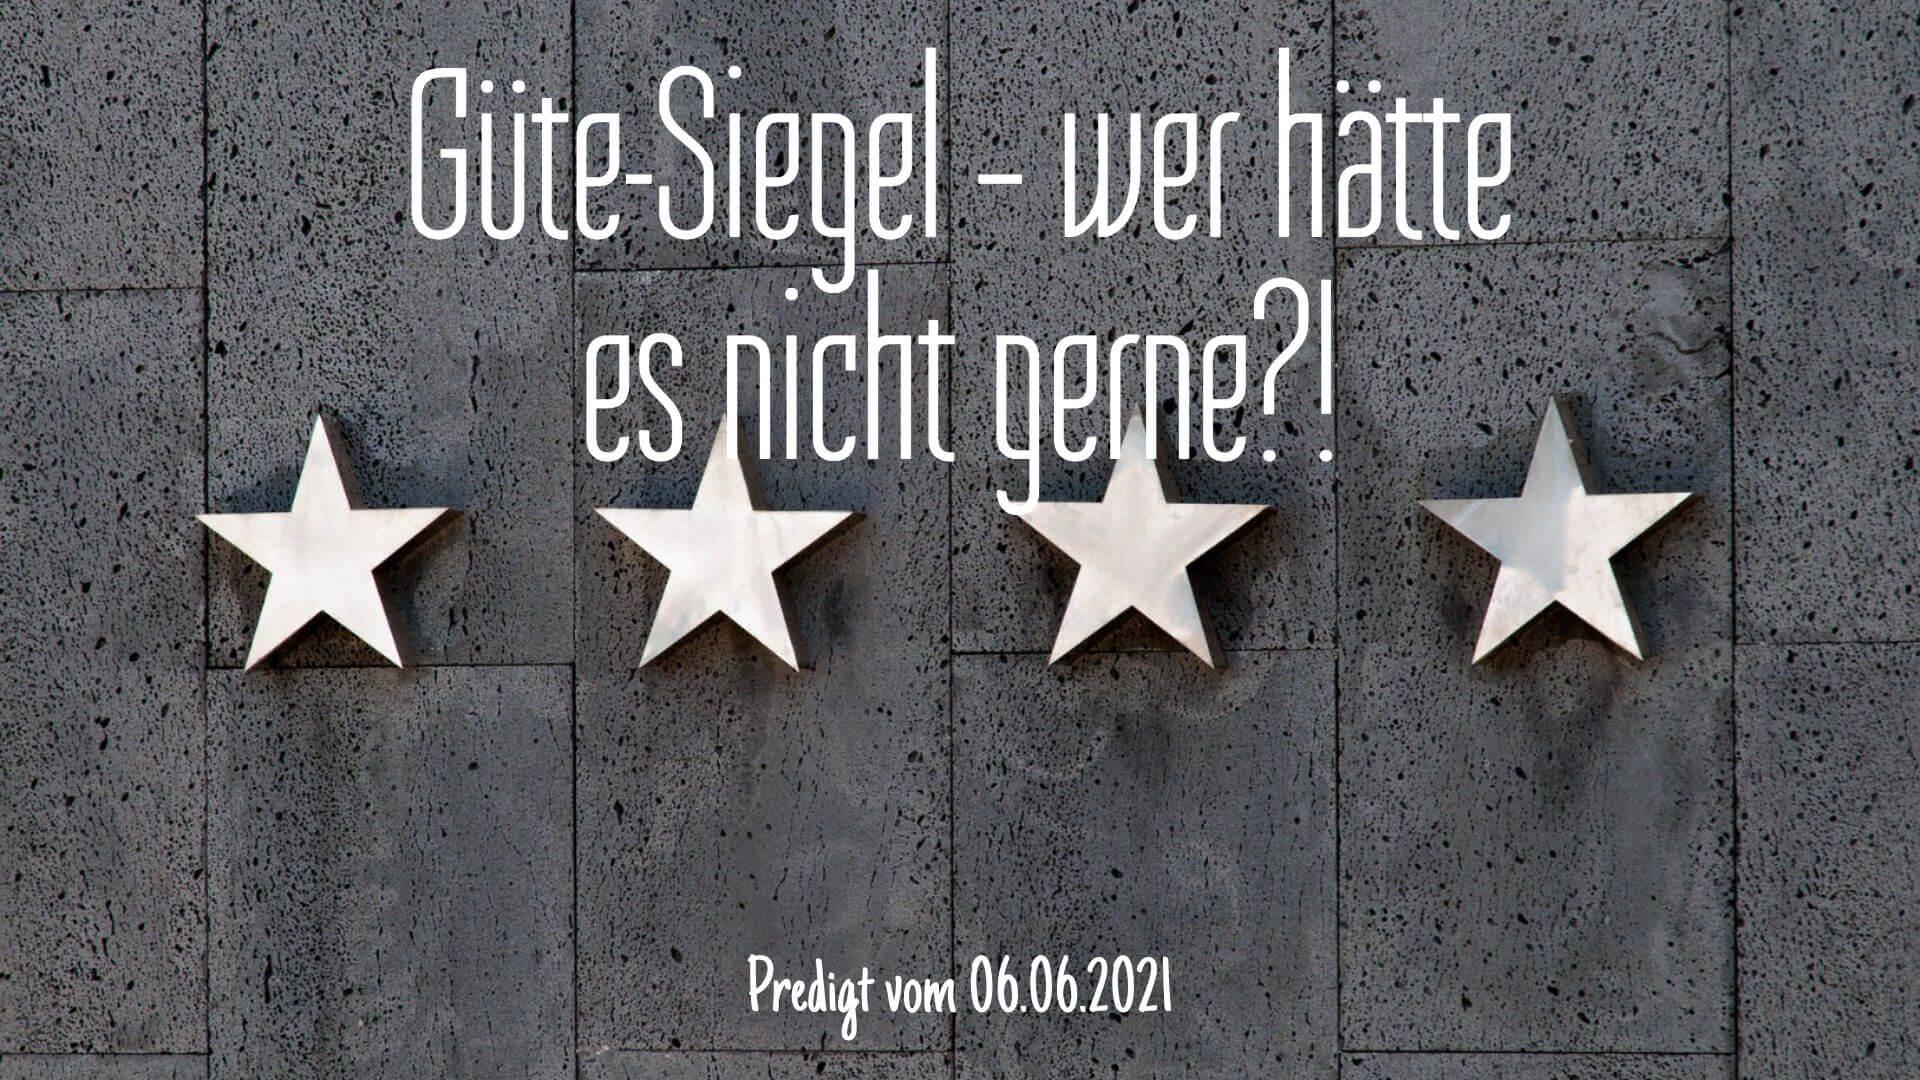 Güte-Siegel – wer hätte es nicht gerne?! Predigt vom 06.06.2021